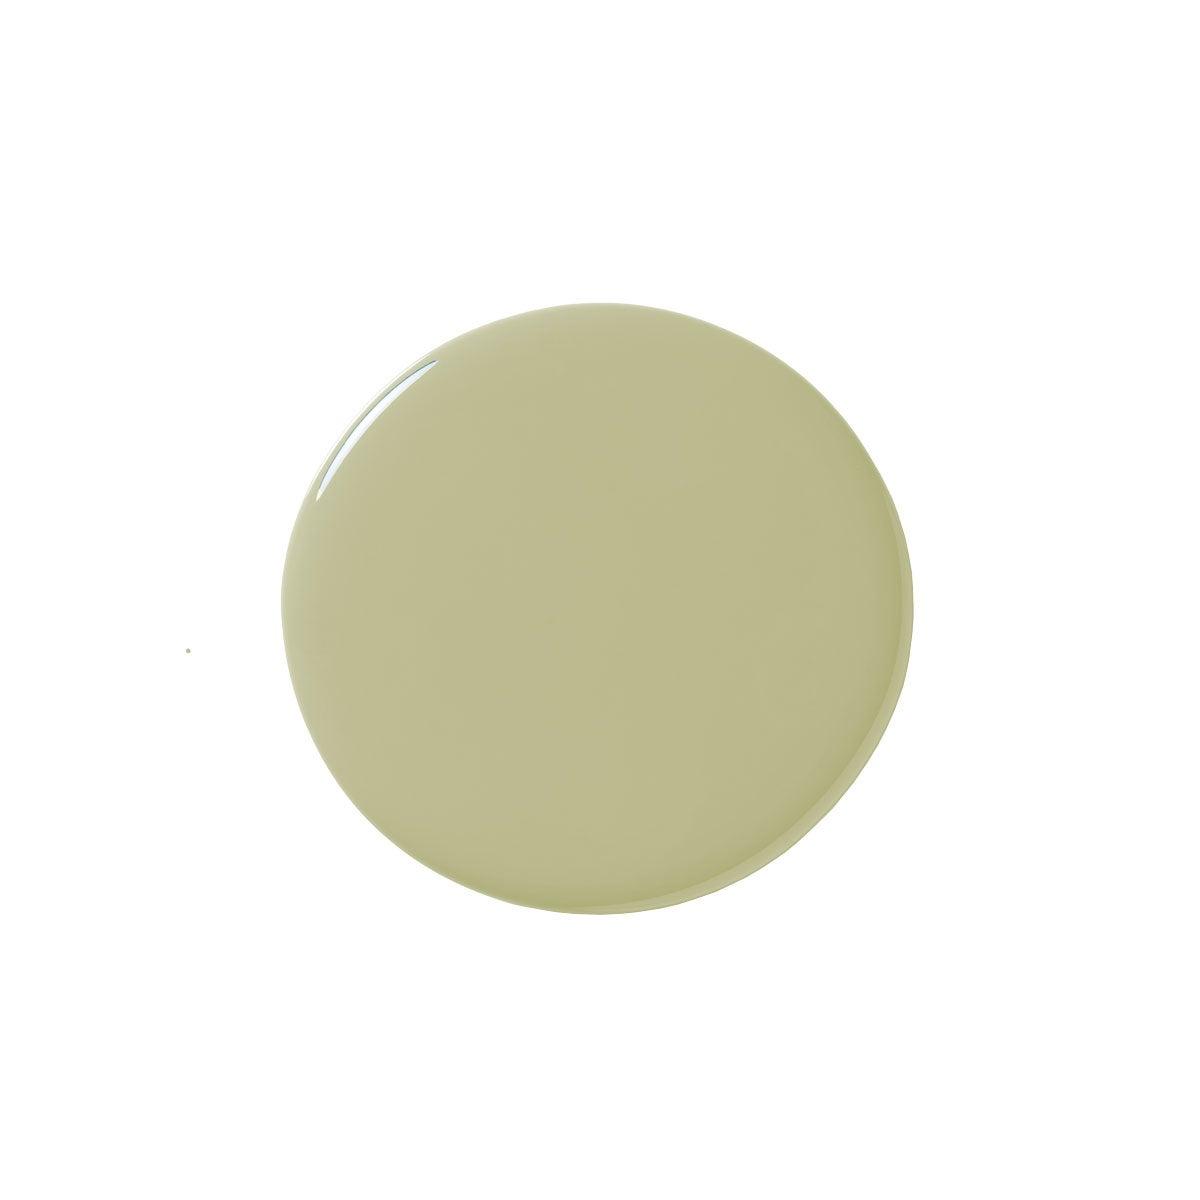 green paint blob